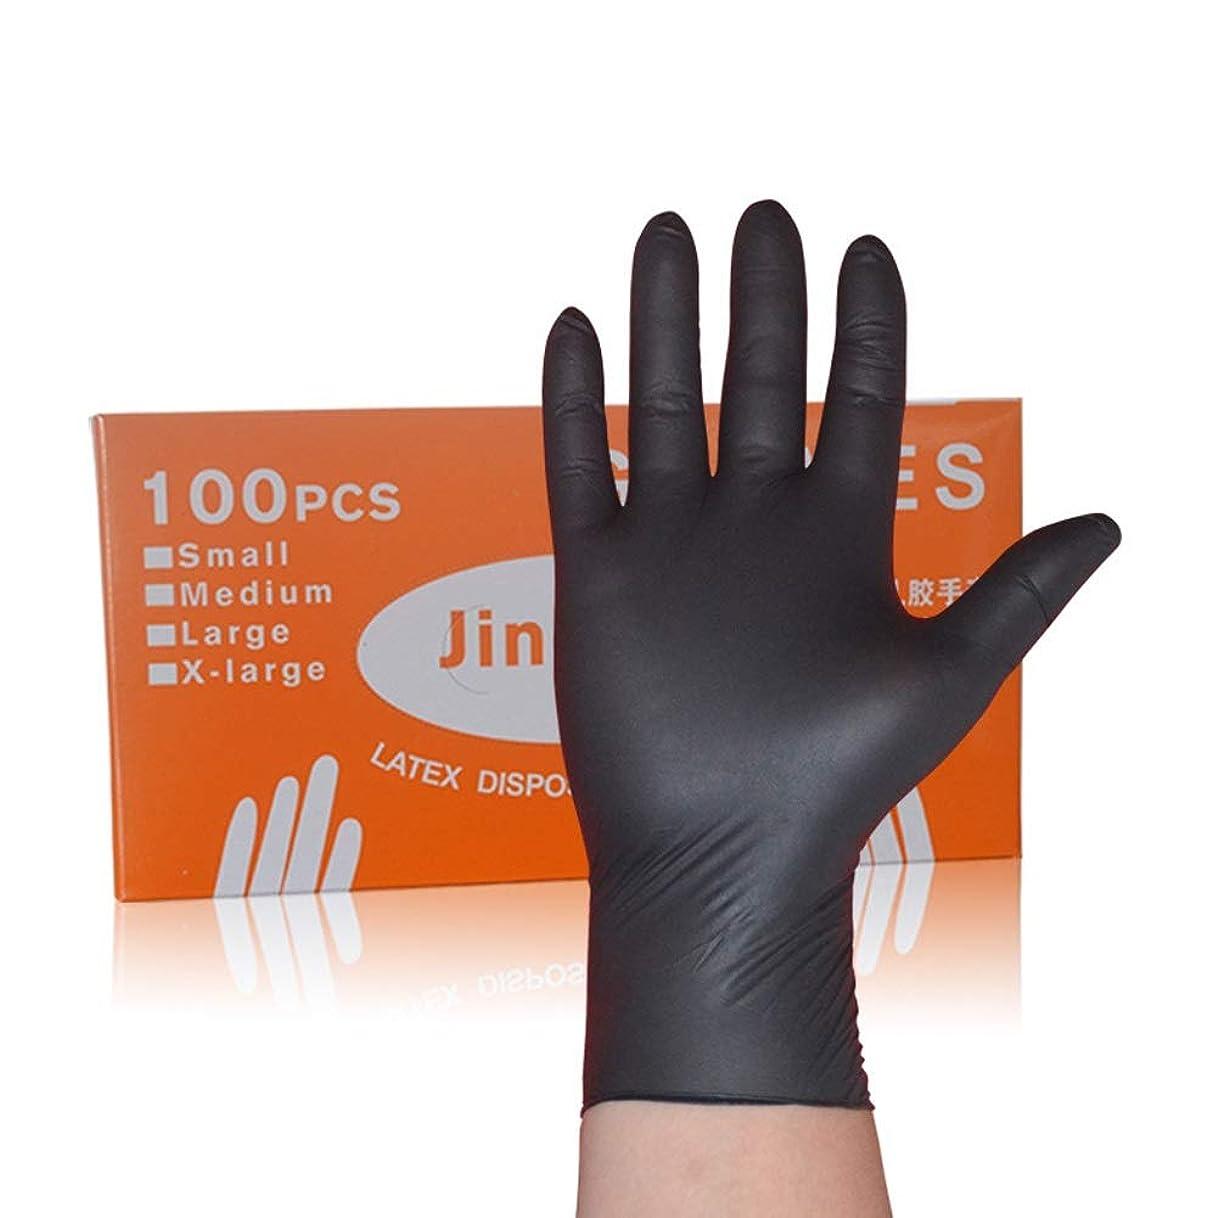 ラグ風変わりなどうやってNbr使い捨て手袋ラテックスニトリル帯電防止ゴム実験機械美容院タトゥー手袋 YANW (色 : ブラック, サイズ さいず : L l)